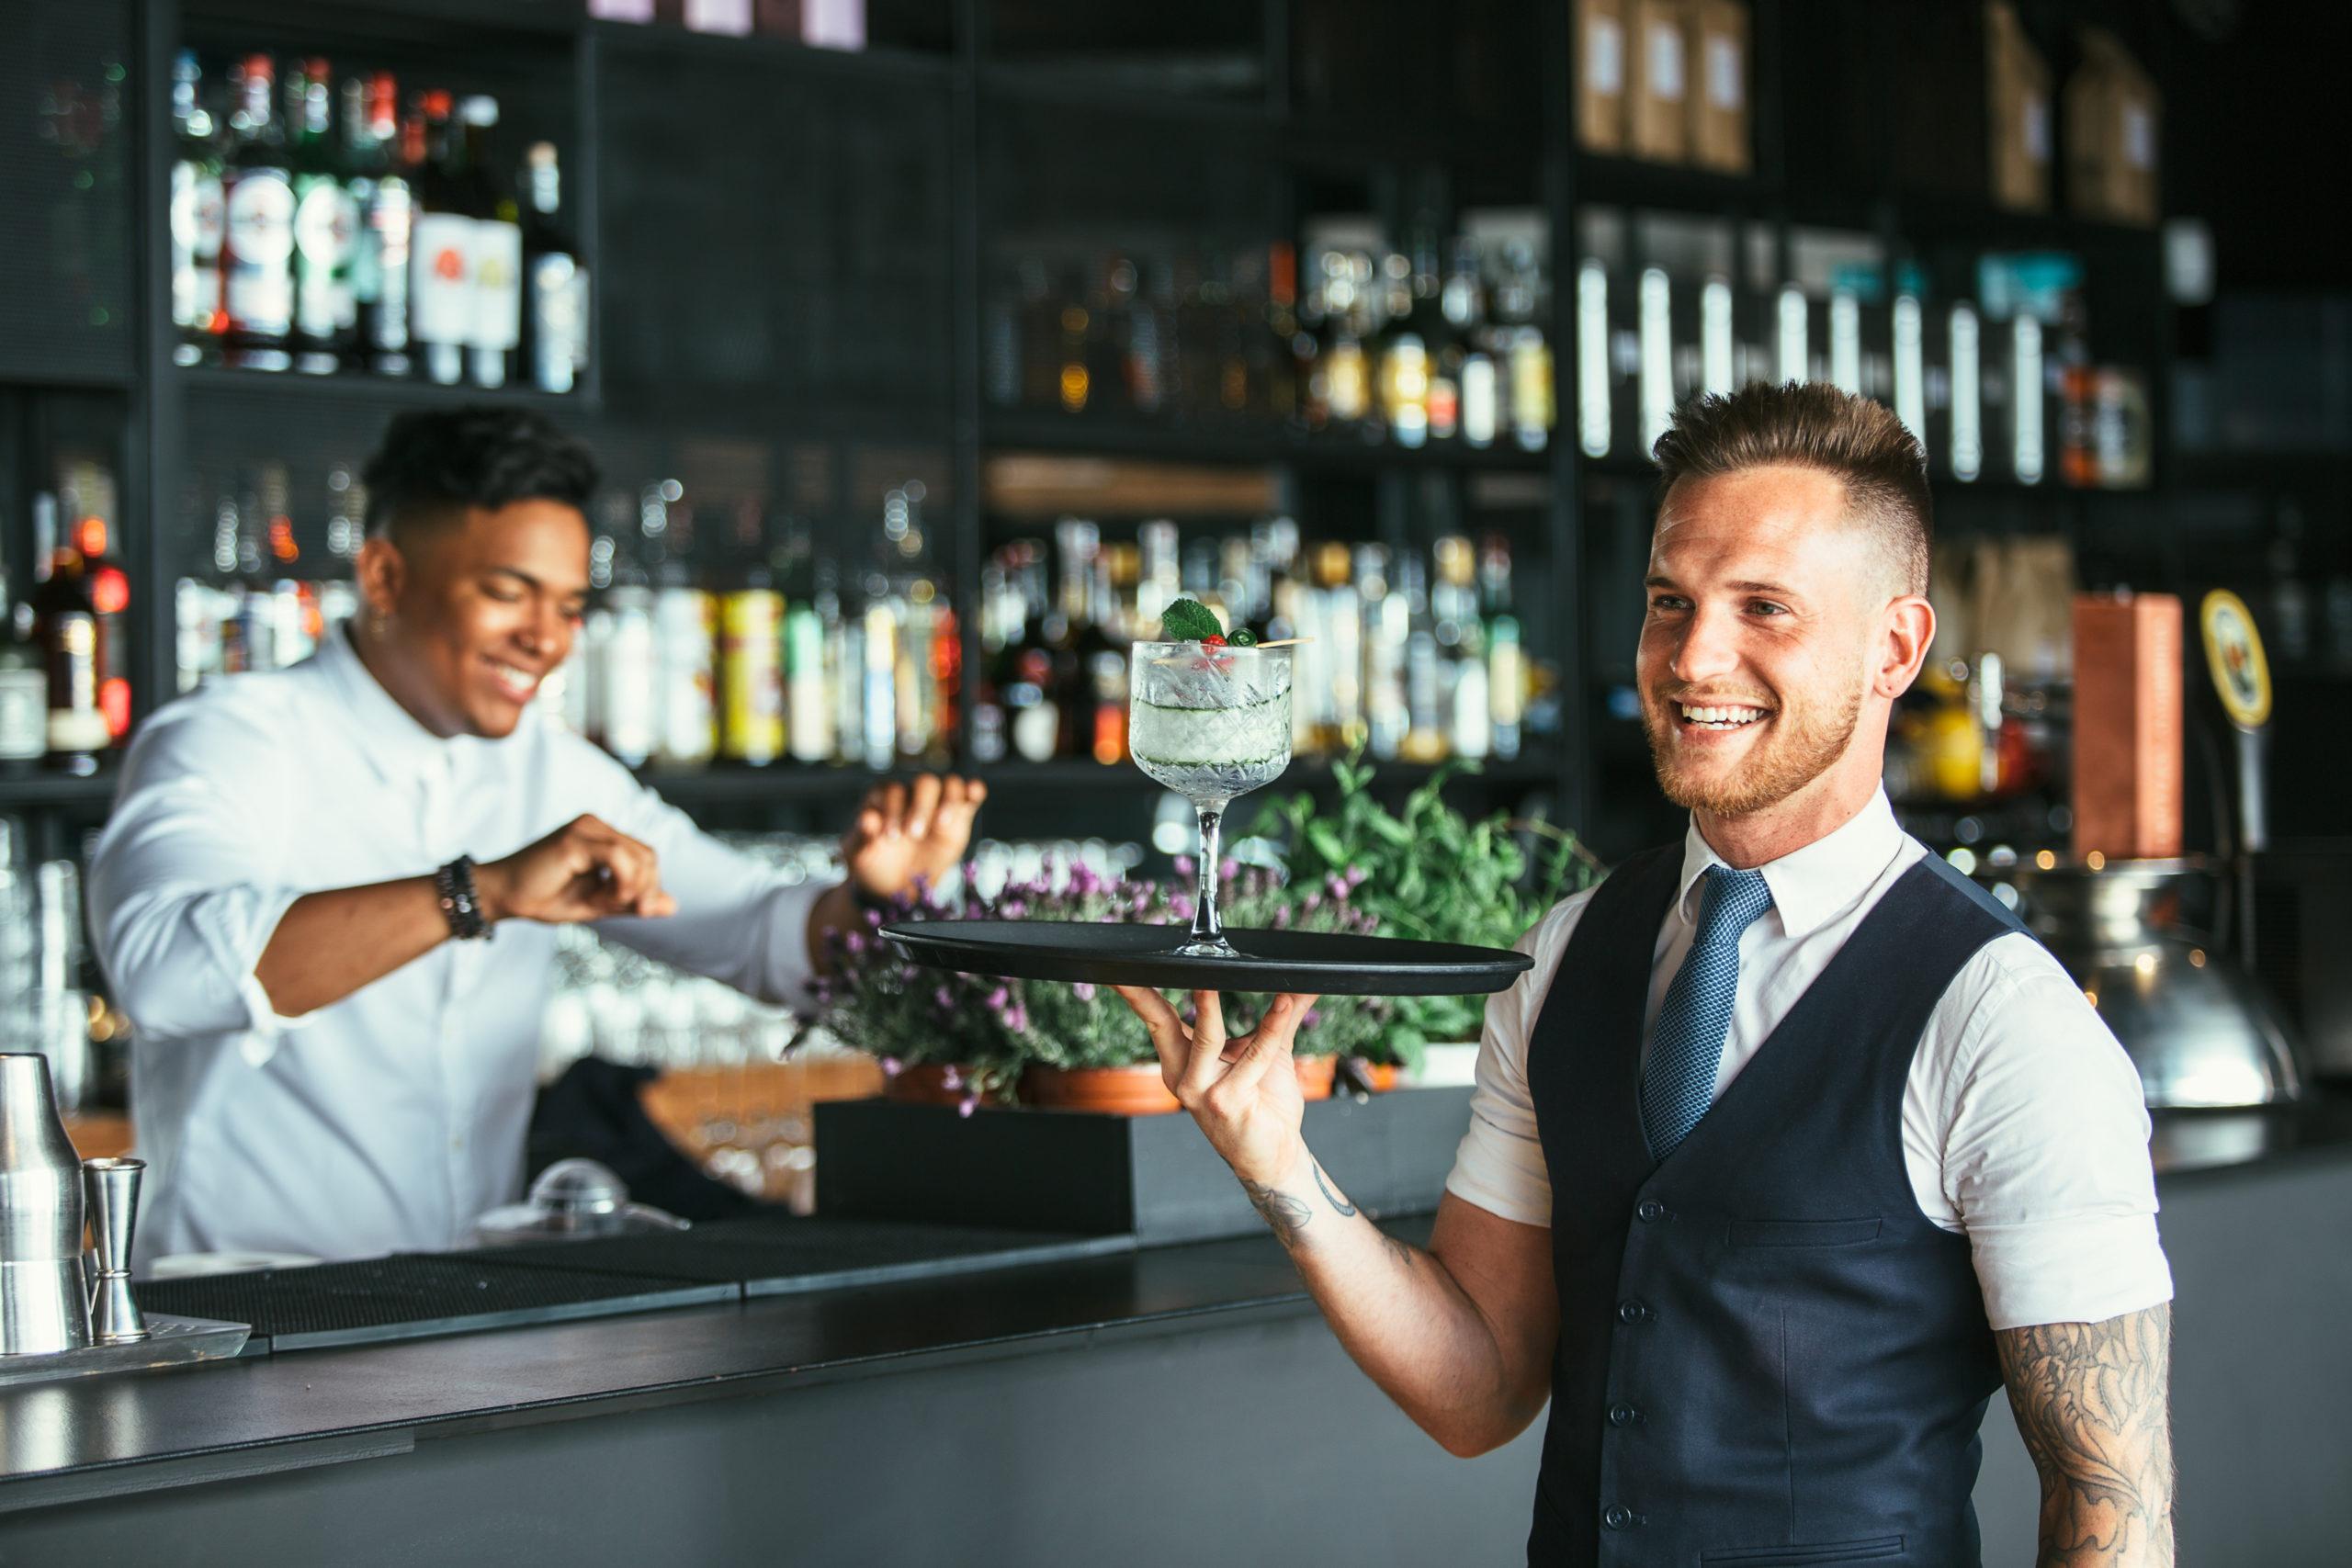 Ausbildungsberuf Restaurantfachmann und Restaurantfachfrau